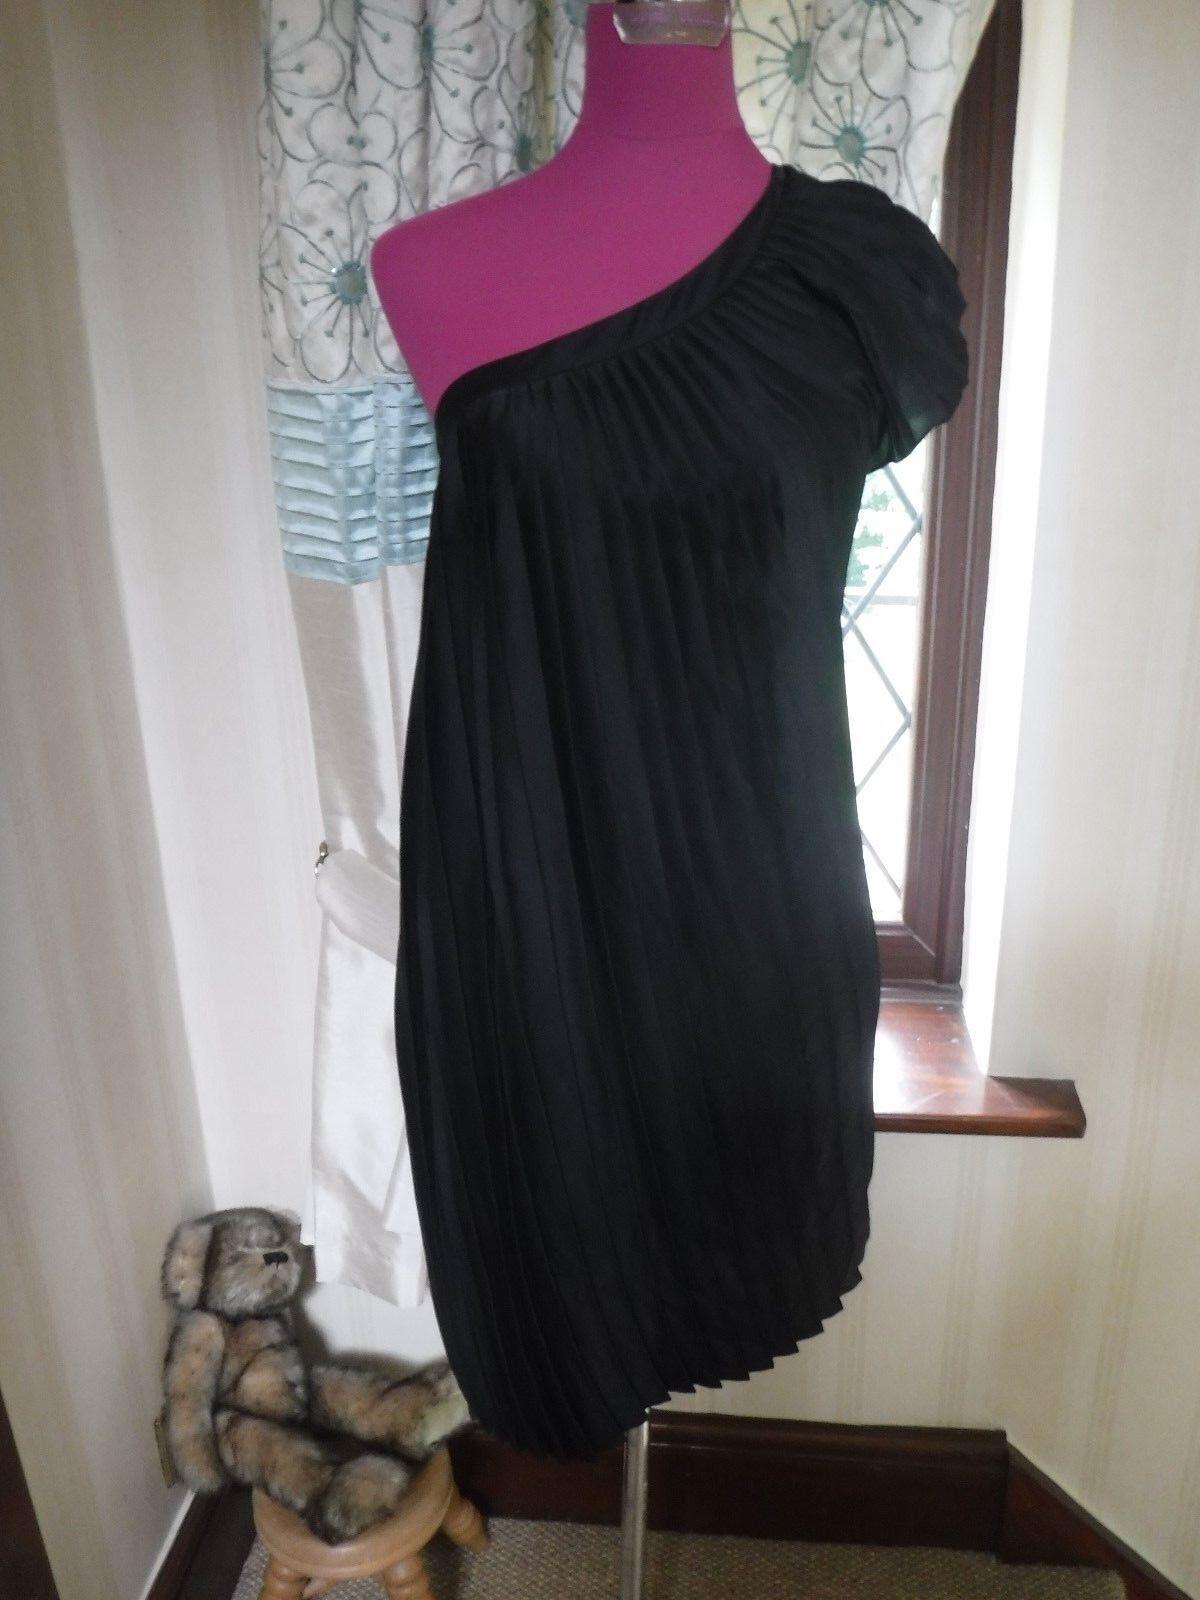 Splendido TUTTI I SANTI MAIA monospalla vestito nero taglia 8 condizioni eccellenti